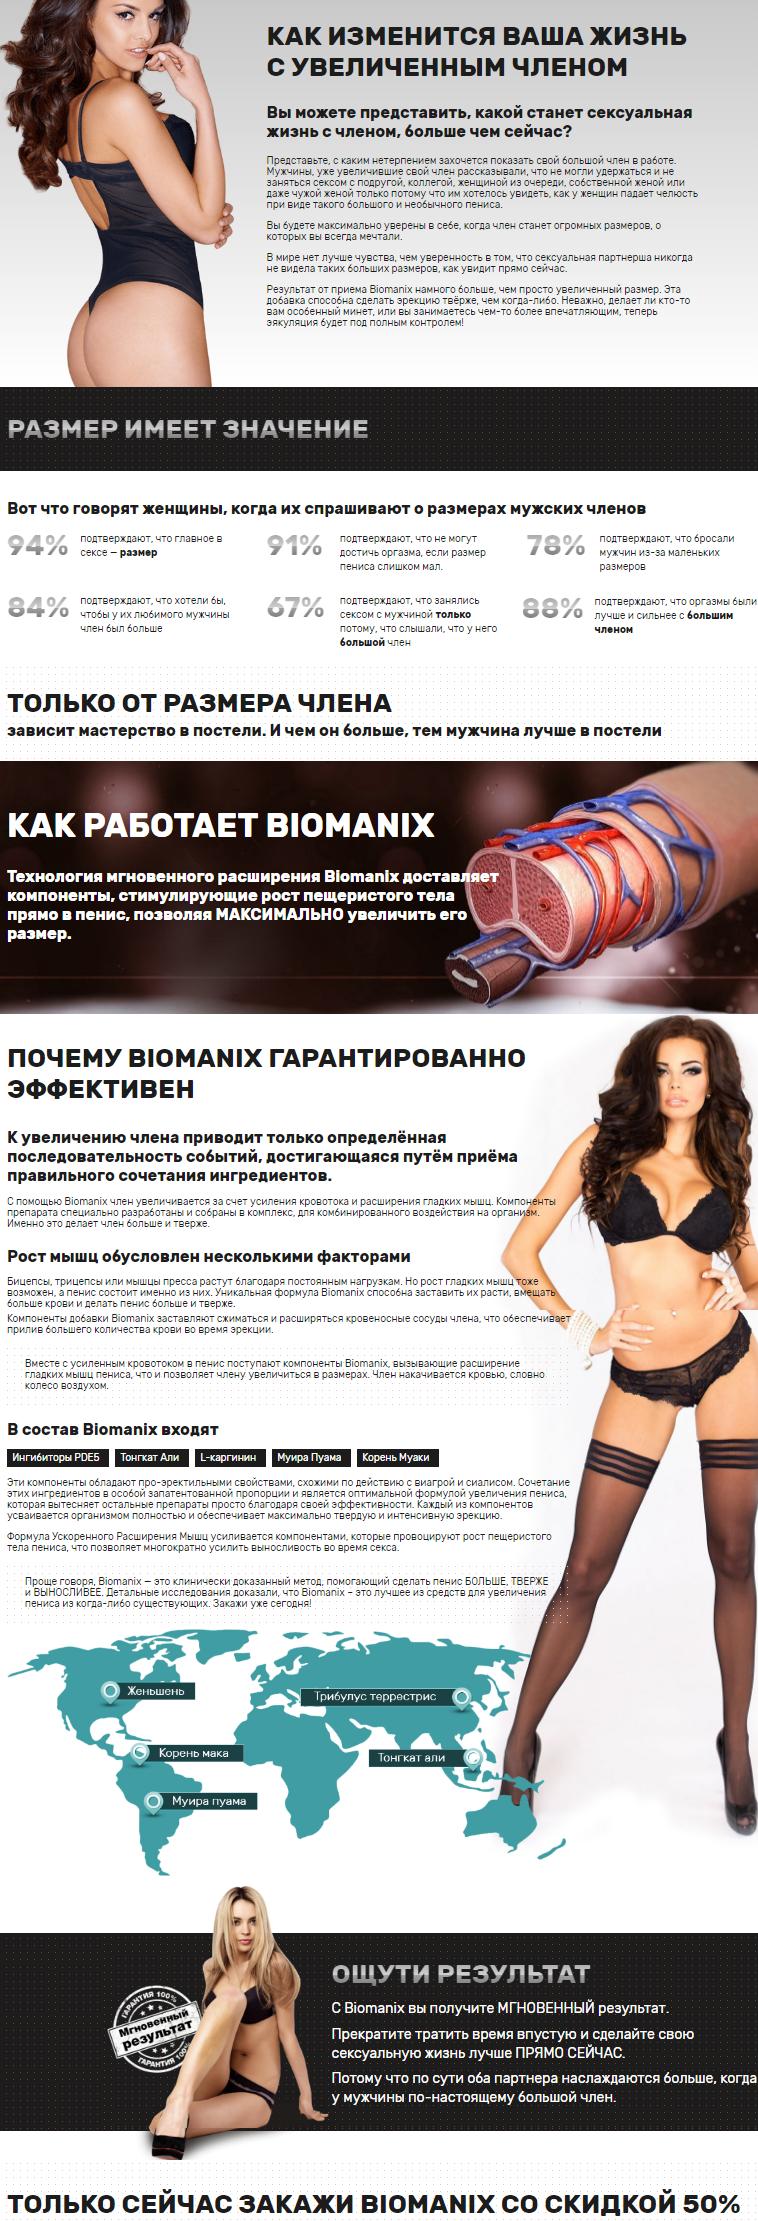 Biomanix (Биоманикс) капсулы для мужчин  купить